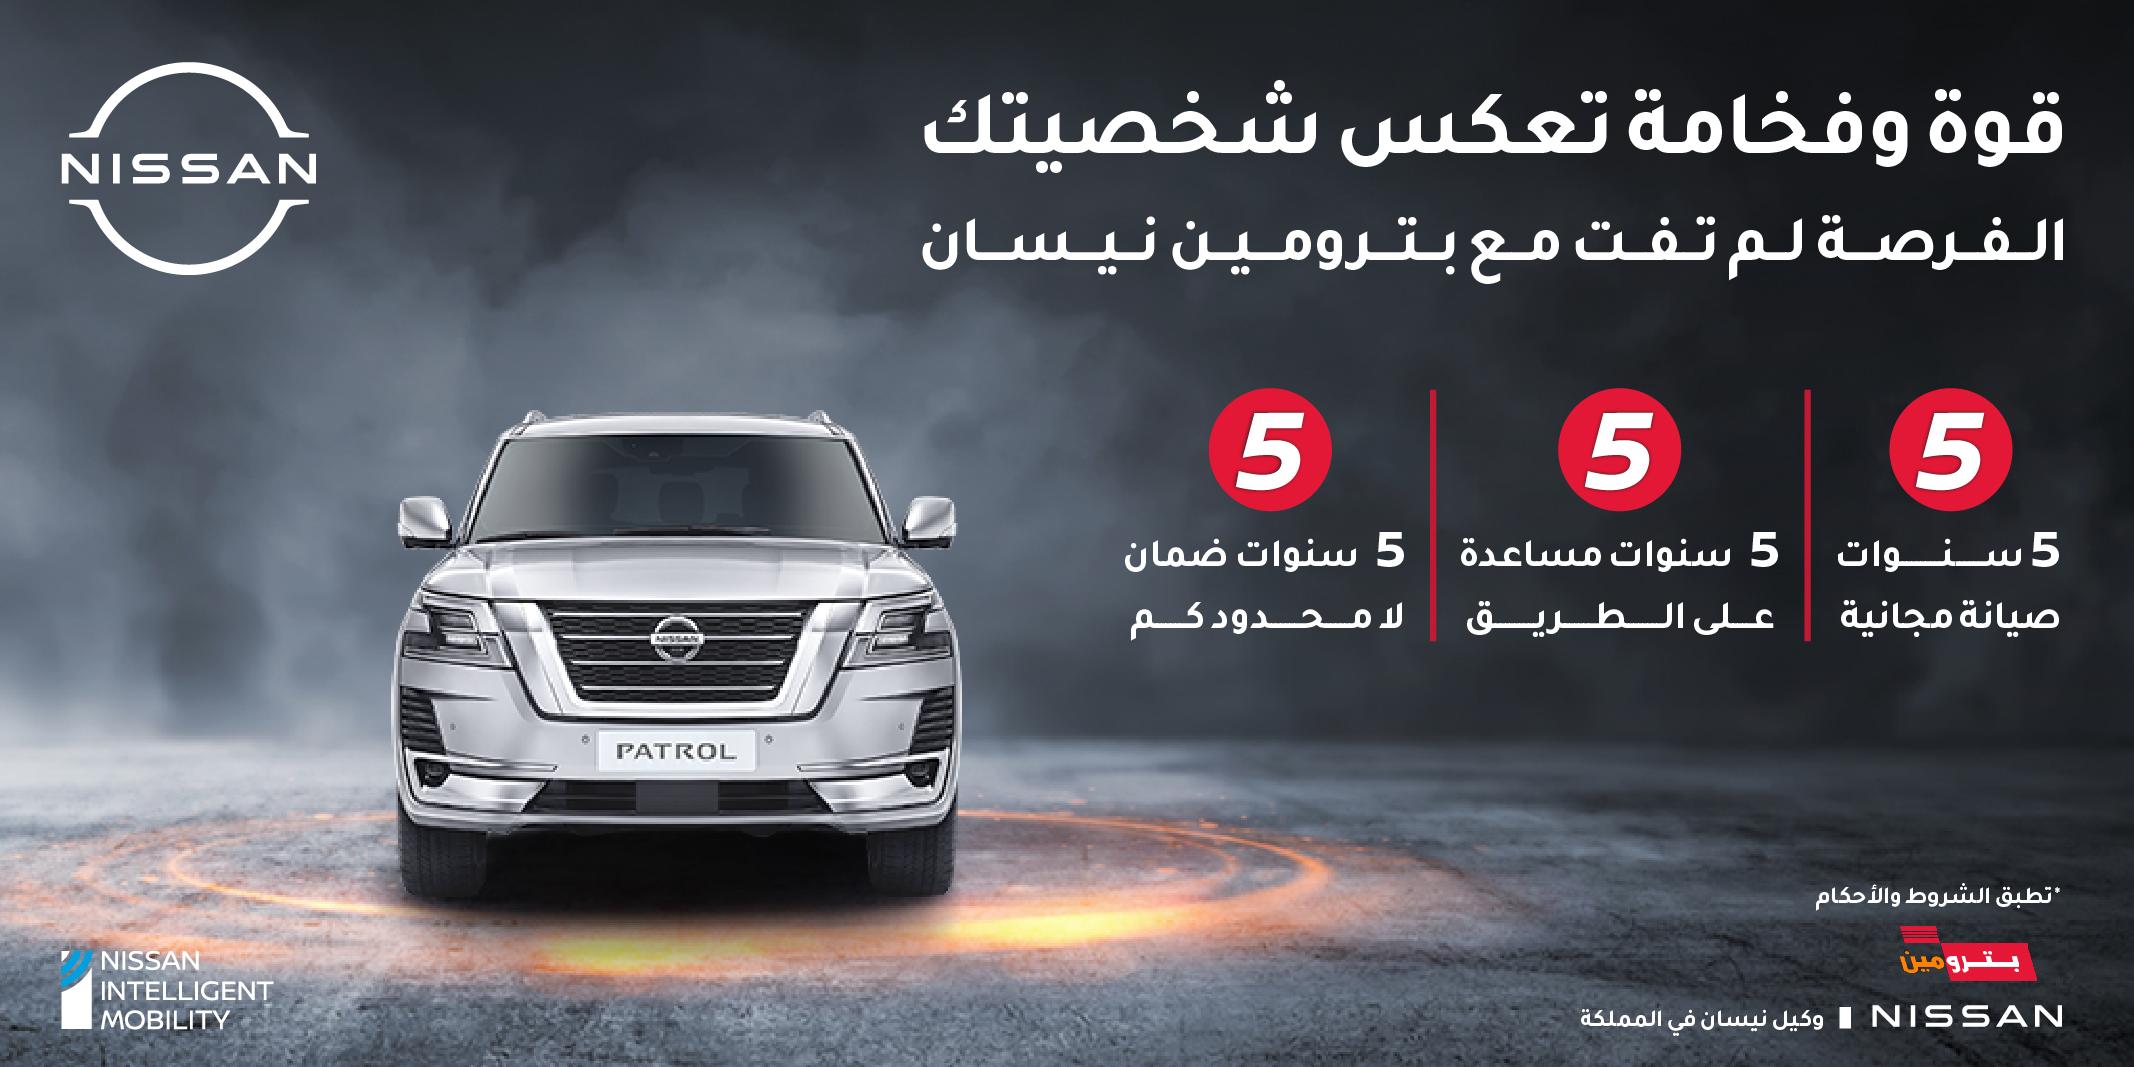 نيسان تطلق عروض على باترول في السعودية مع عروض صيانة السيارات الموقع العربي الأول للسيارات